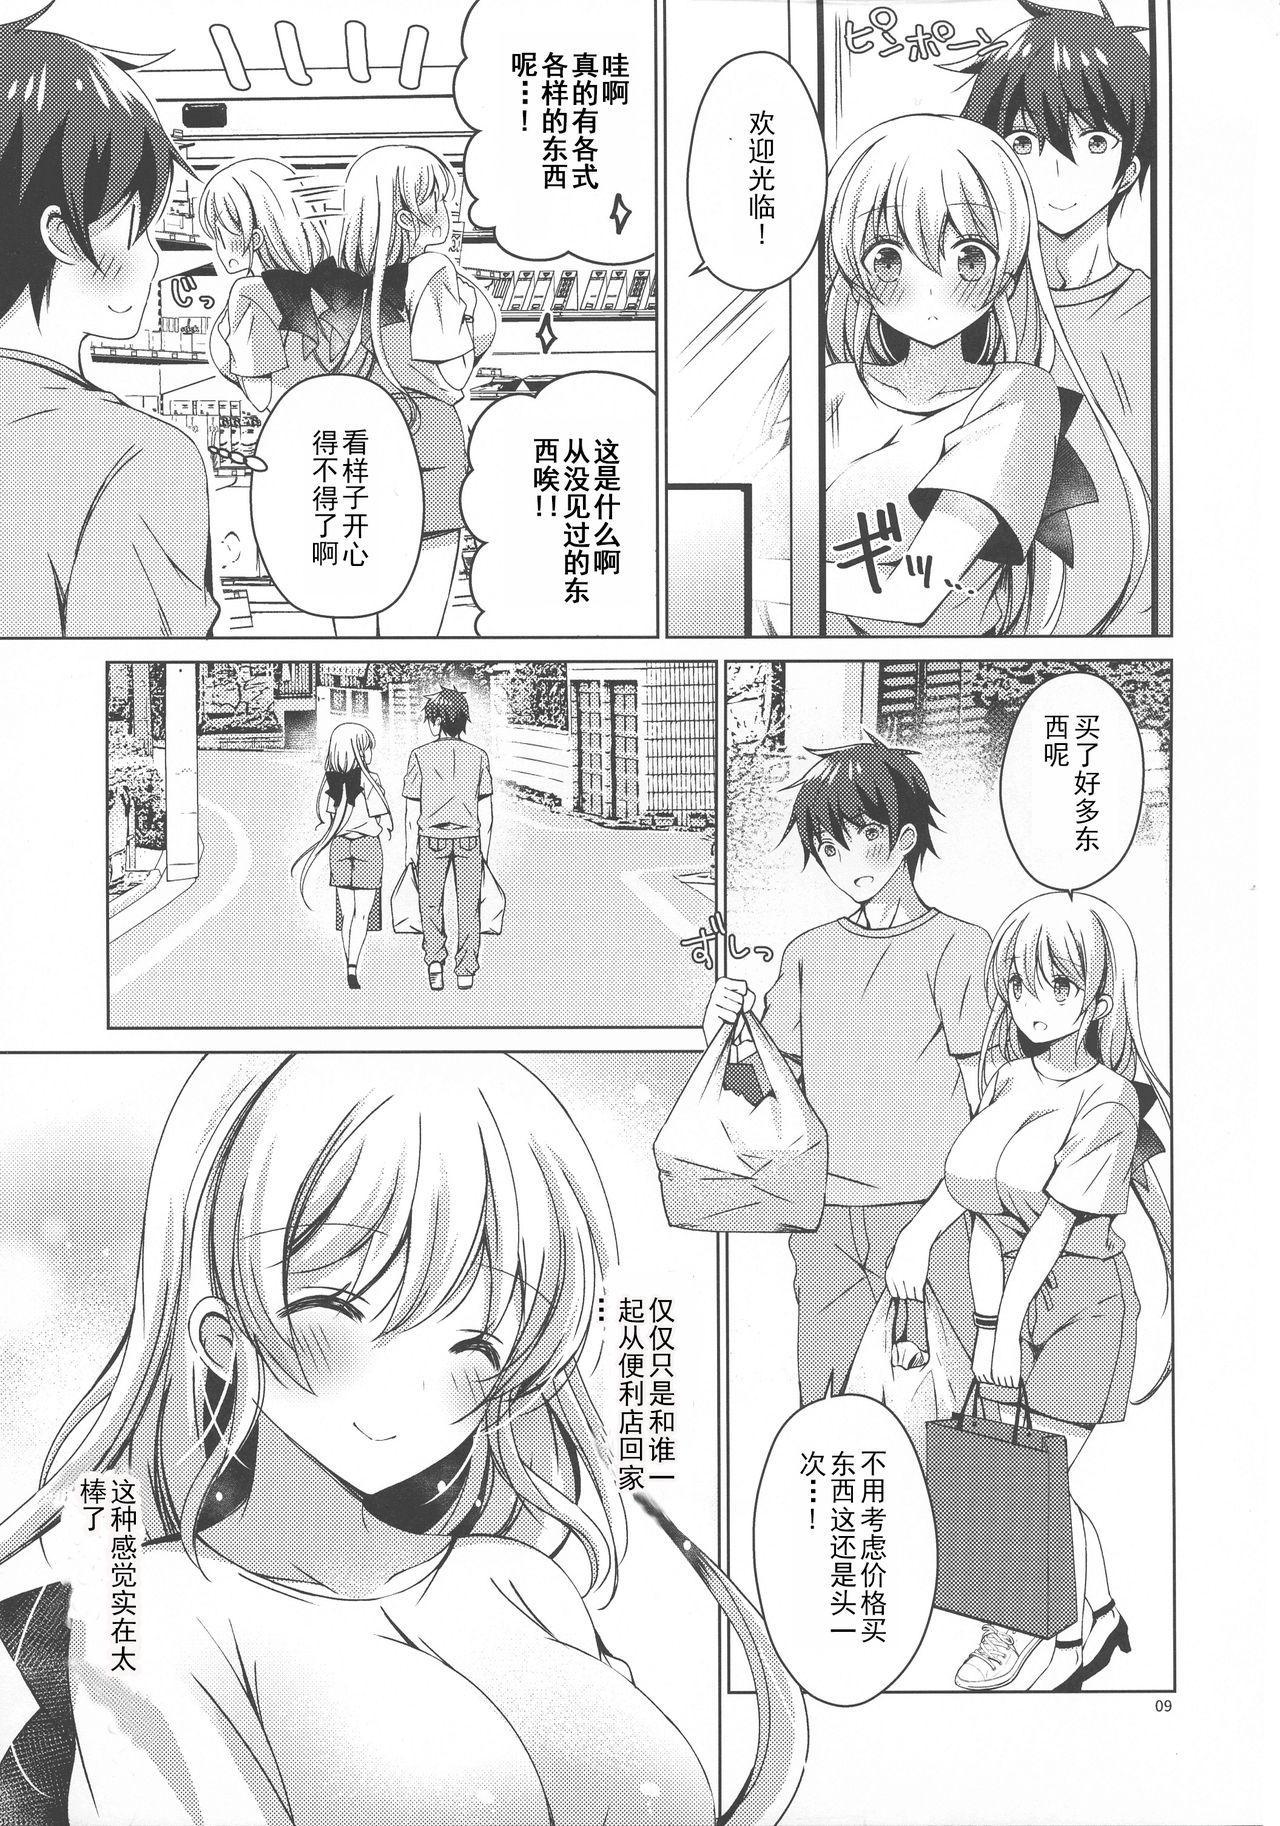 Android no Watashi ni Nenryou Hokyuu shite Kudasai 6 7